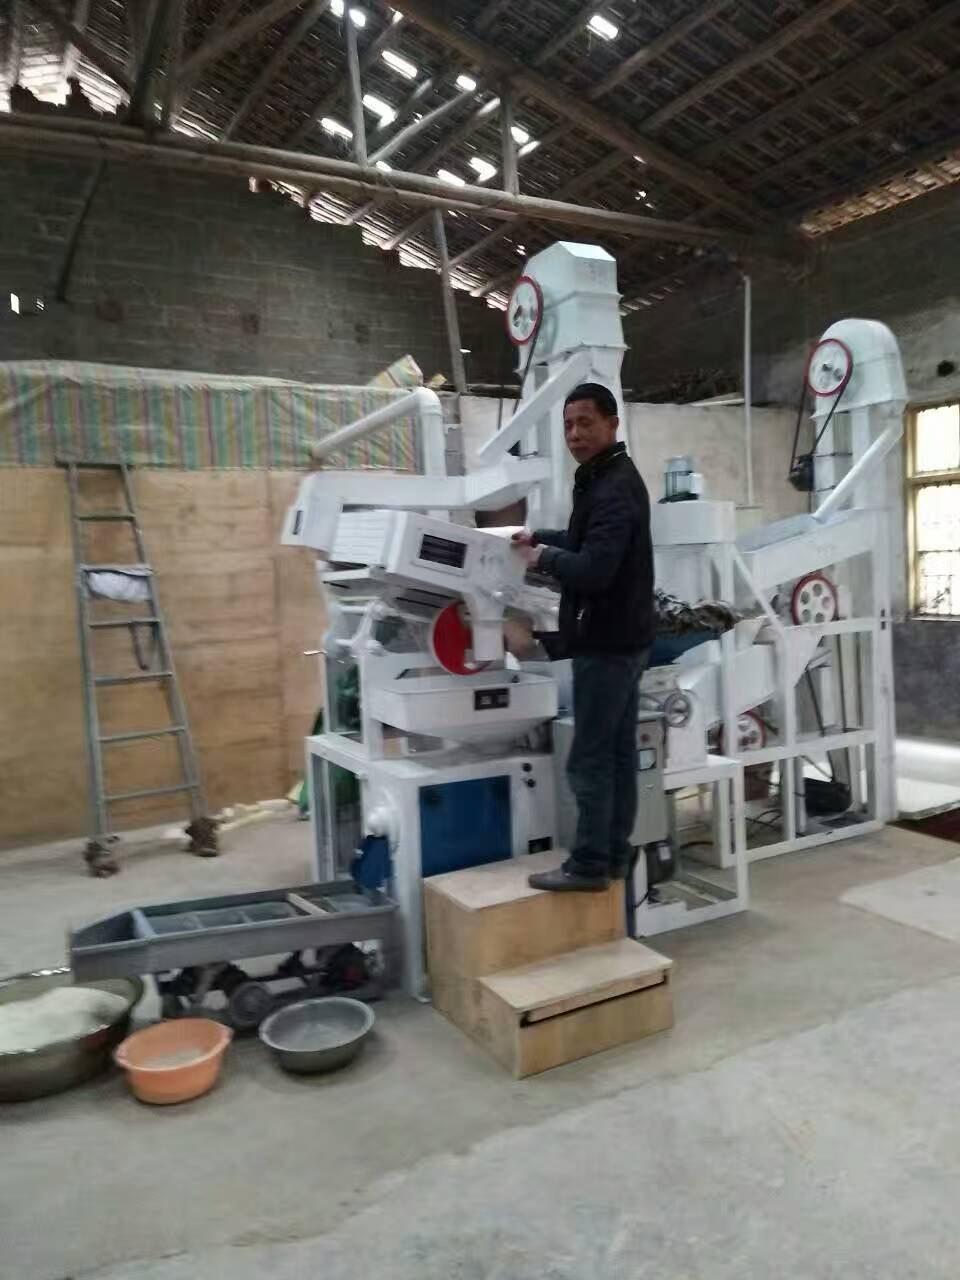 重庆打米机 组合米机 大型碾米机 价格 29800.00 台 双流区兴达机械设备经营部 价格库